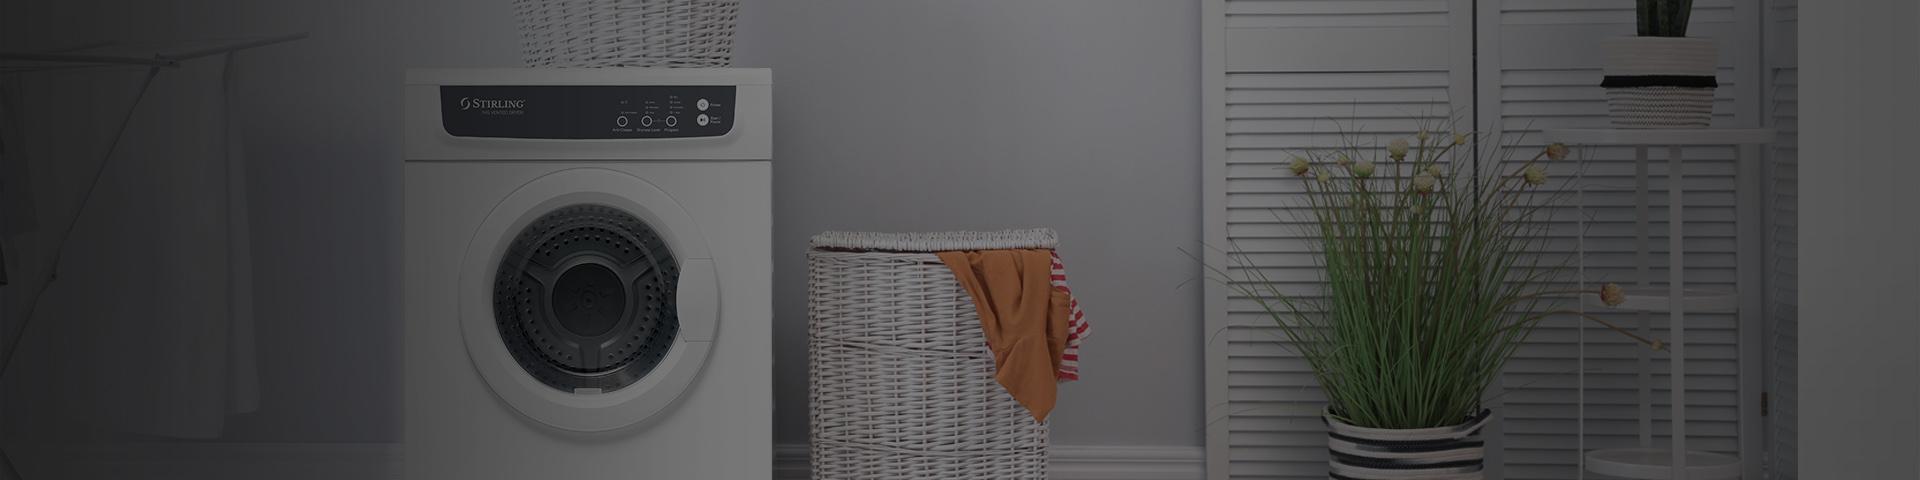 SVD7 - 7kg Clothes Dryer - banner - blank